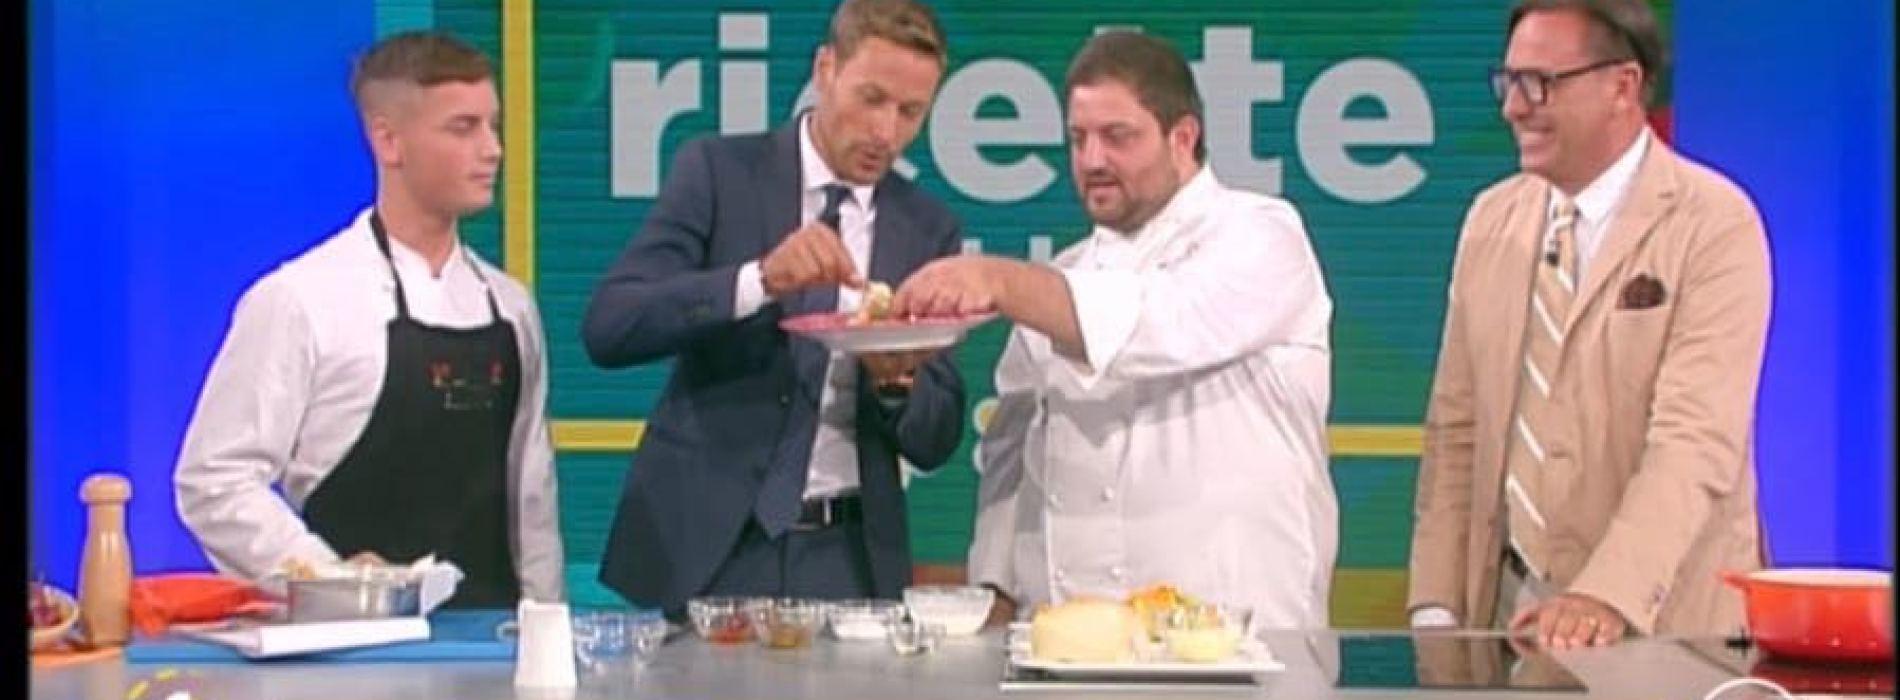 Gianmarco Cirrone, giovane chef casertano alla corte di Rai 1